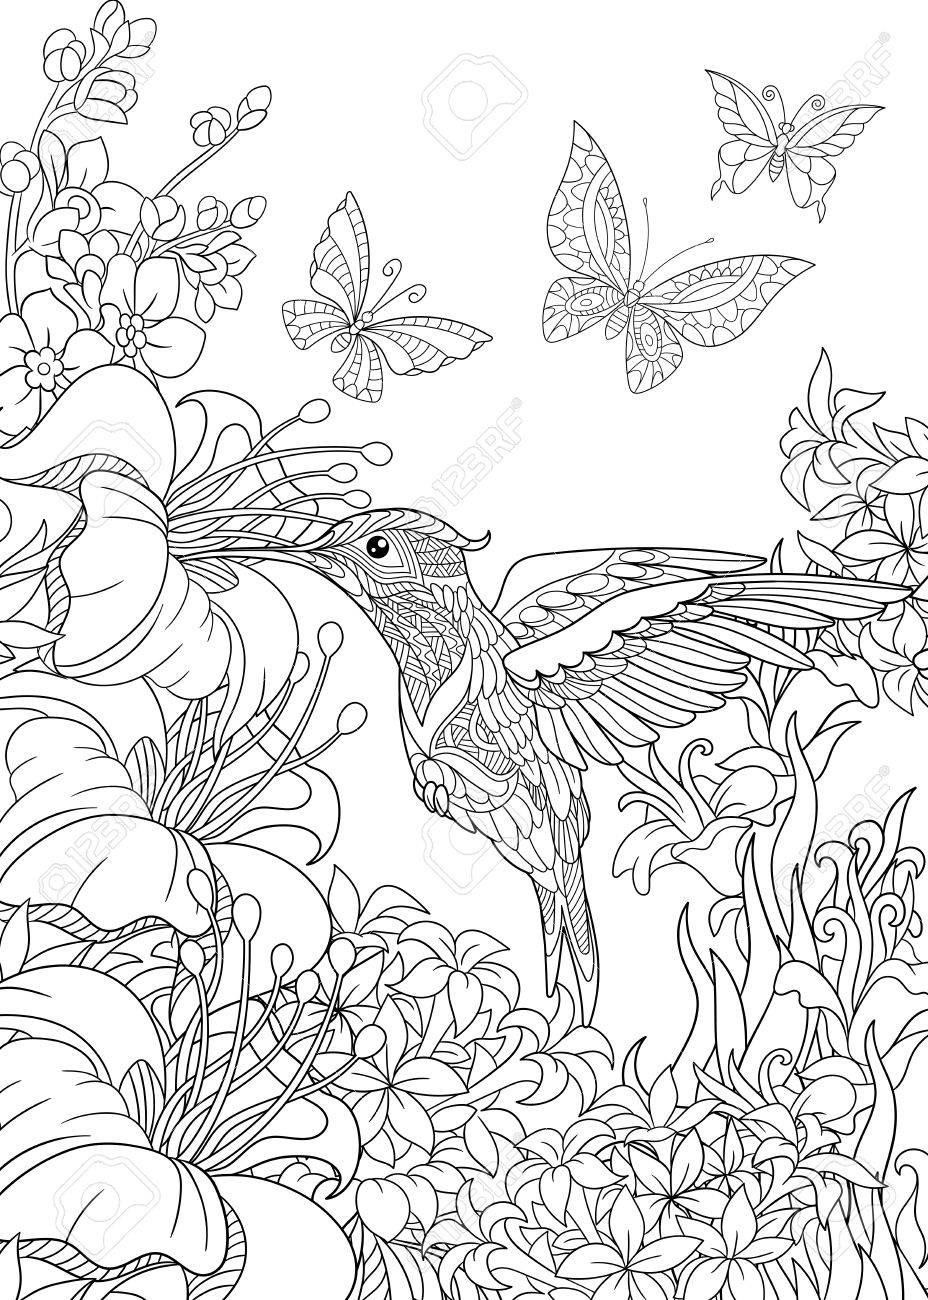 Großartig Süsse Kolibri Malvorlagen Zeitgenössisch - Entry Level ...